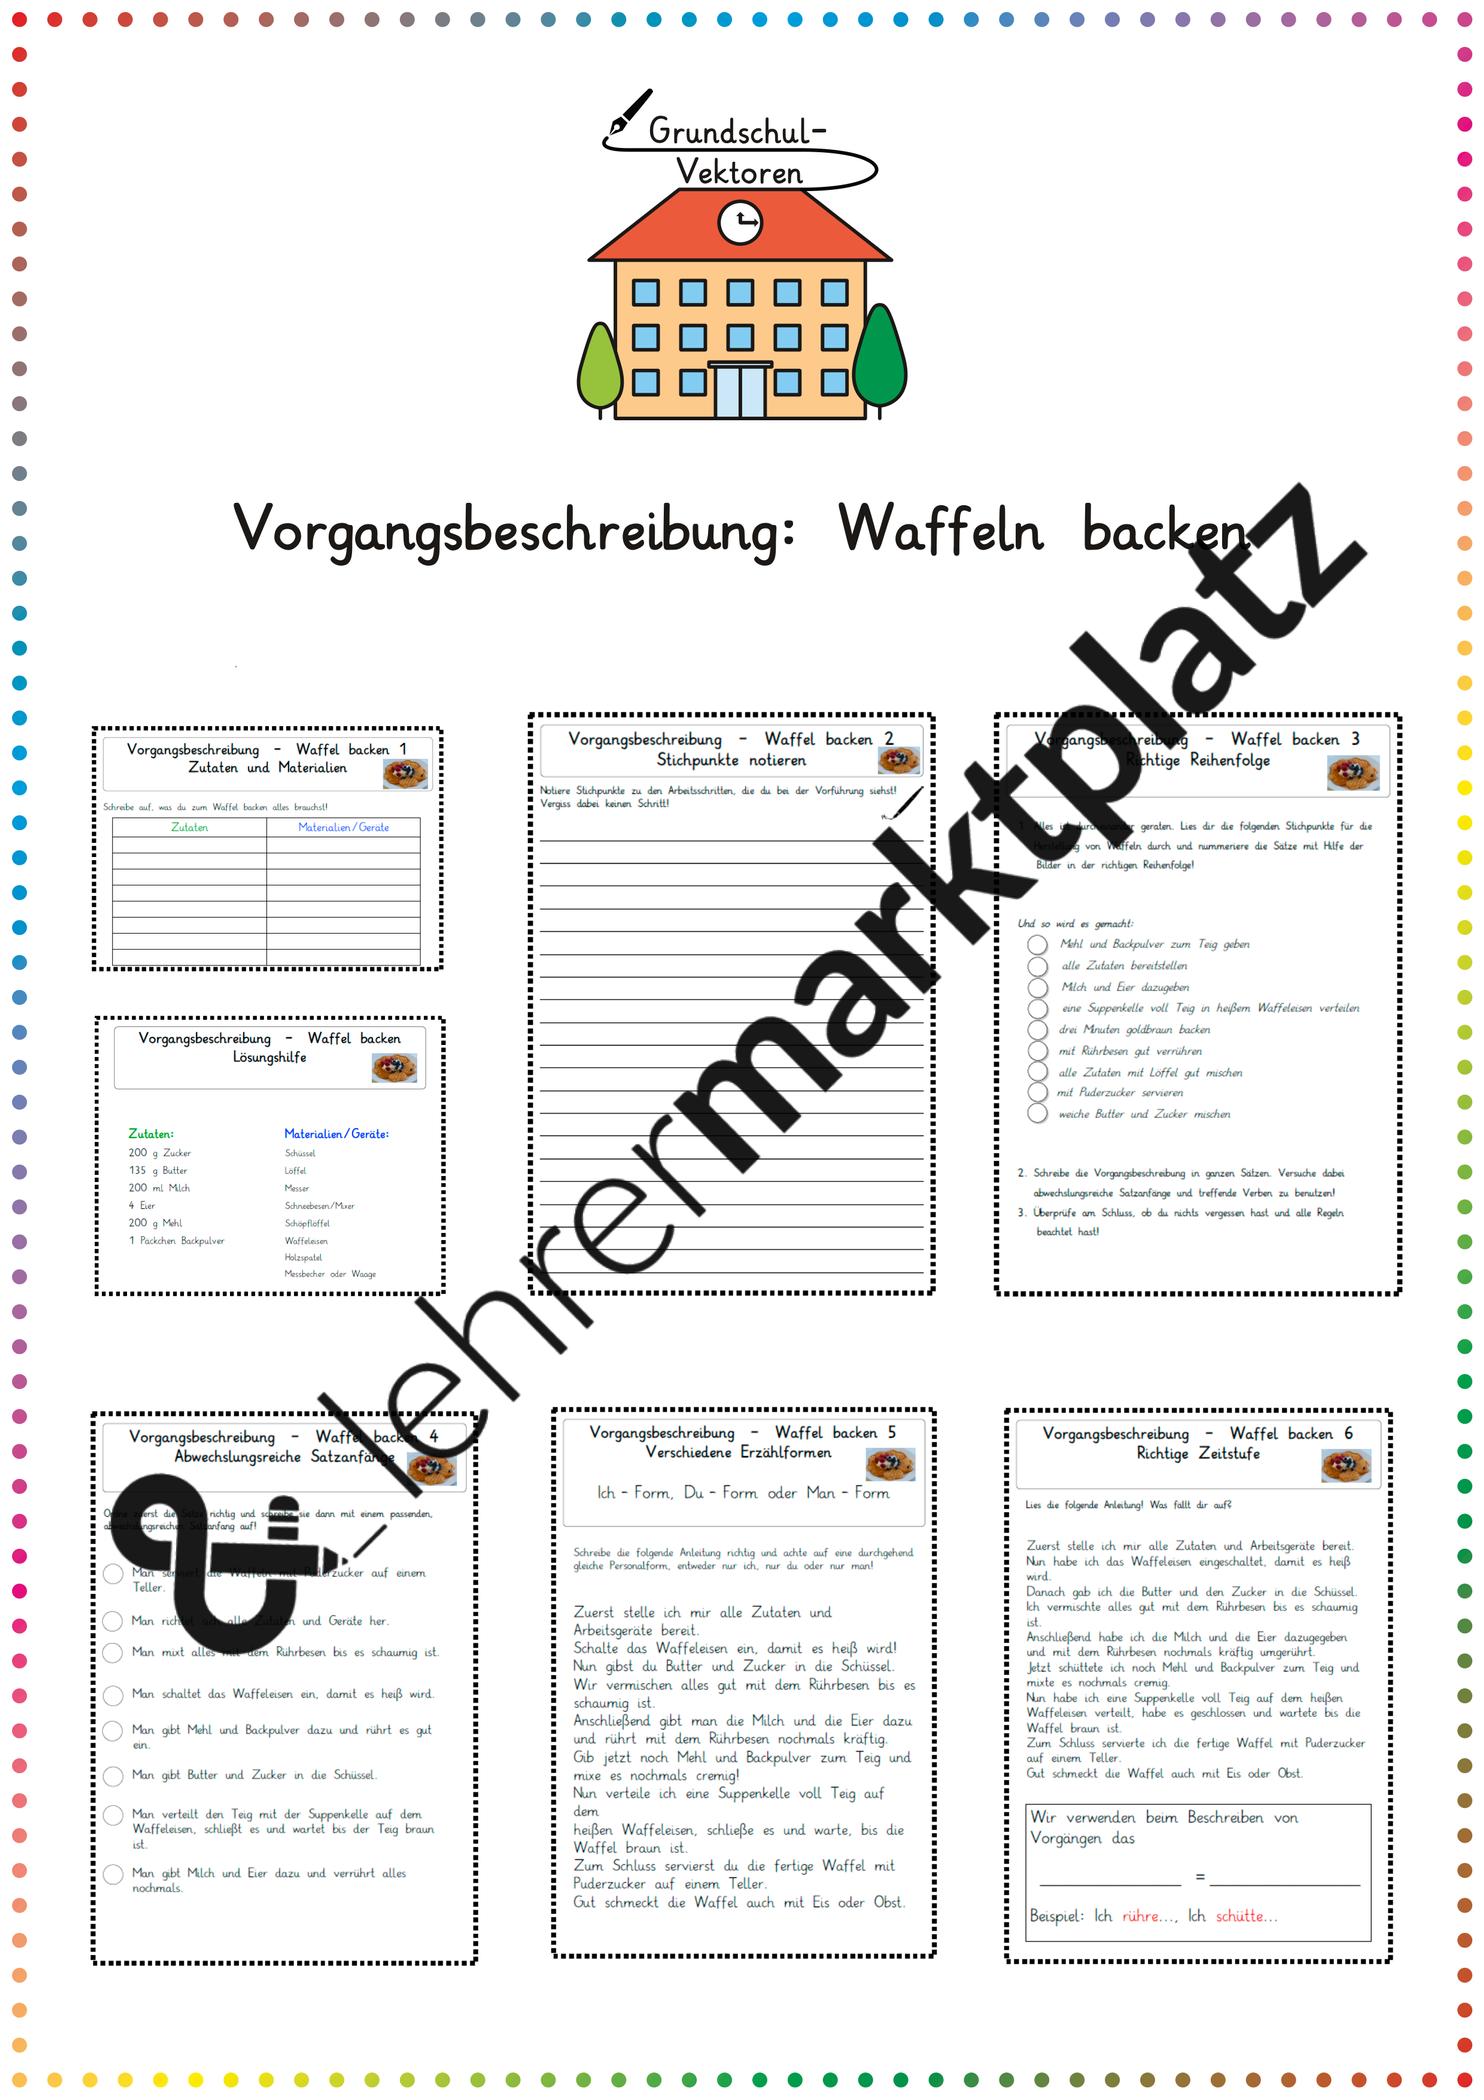 Vorgangsbeschreibung Waffeln Backen Unterrichtsmaterial In Den Fachern Daz Daf Deutsch Vorgangsbeschreibung Waffeln Backen Daf